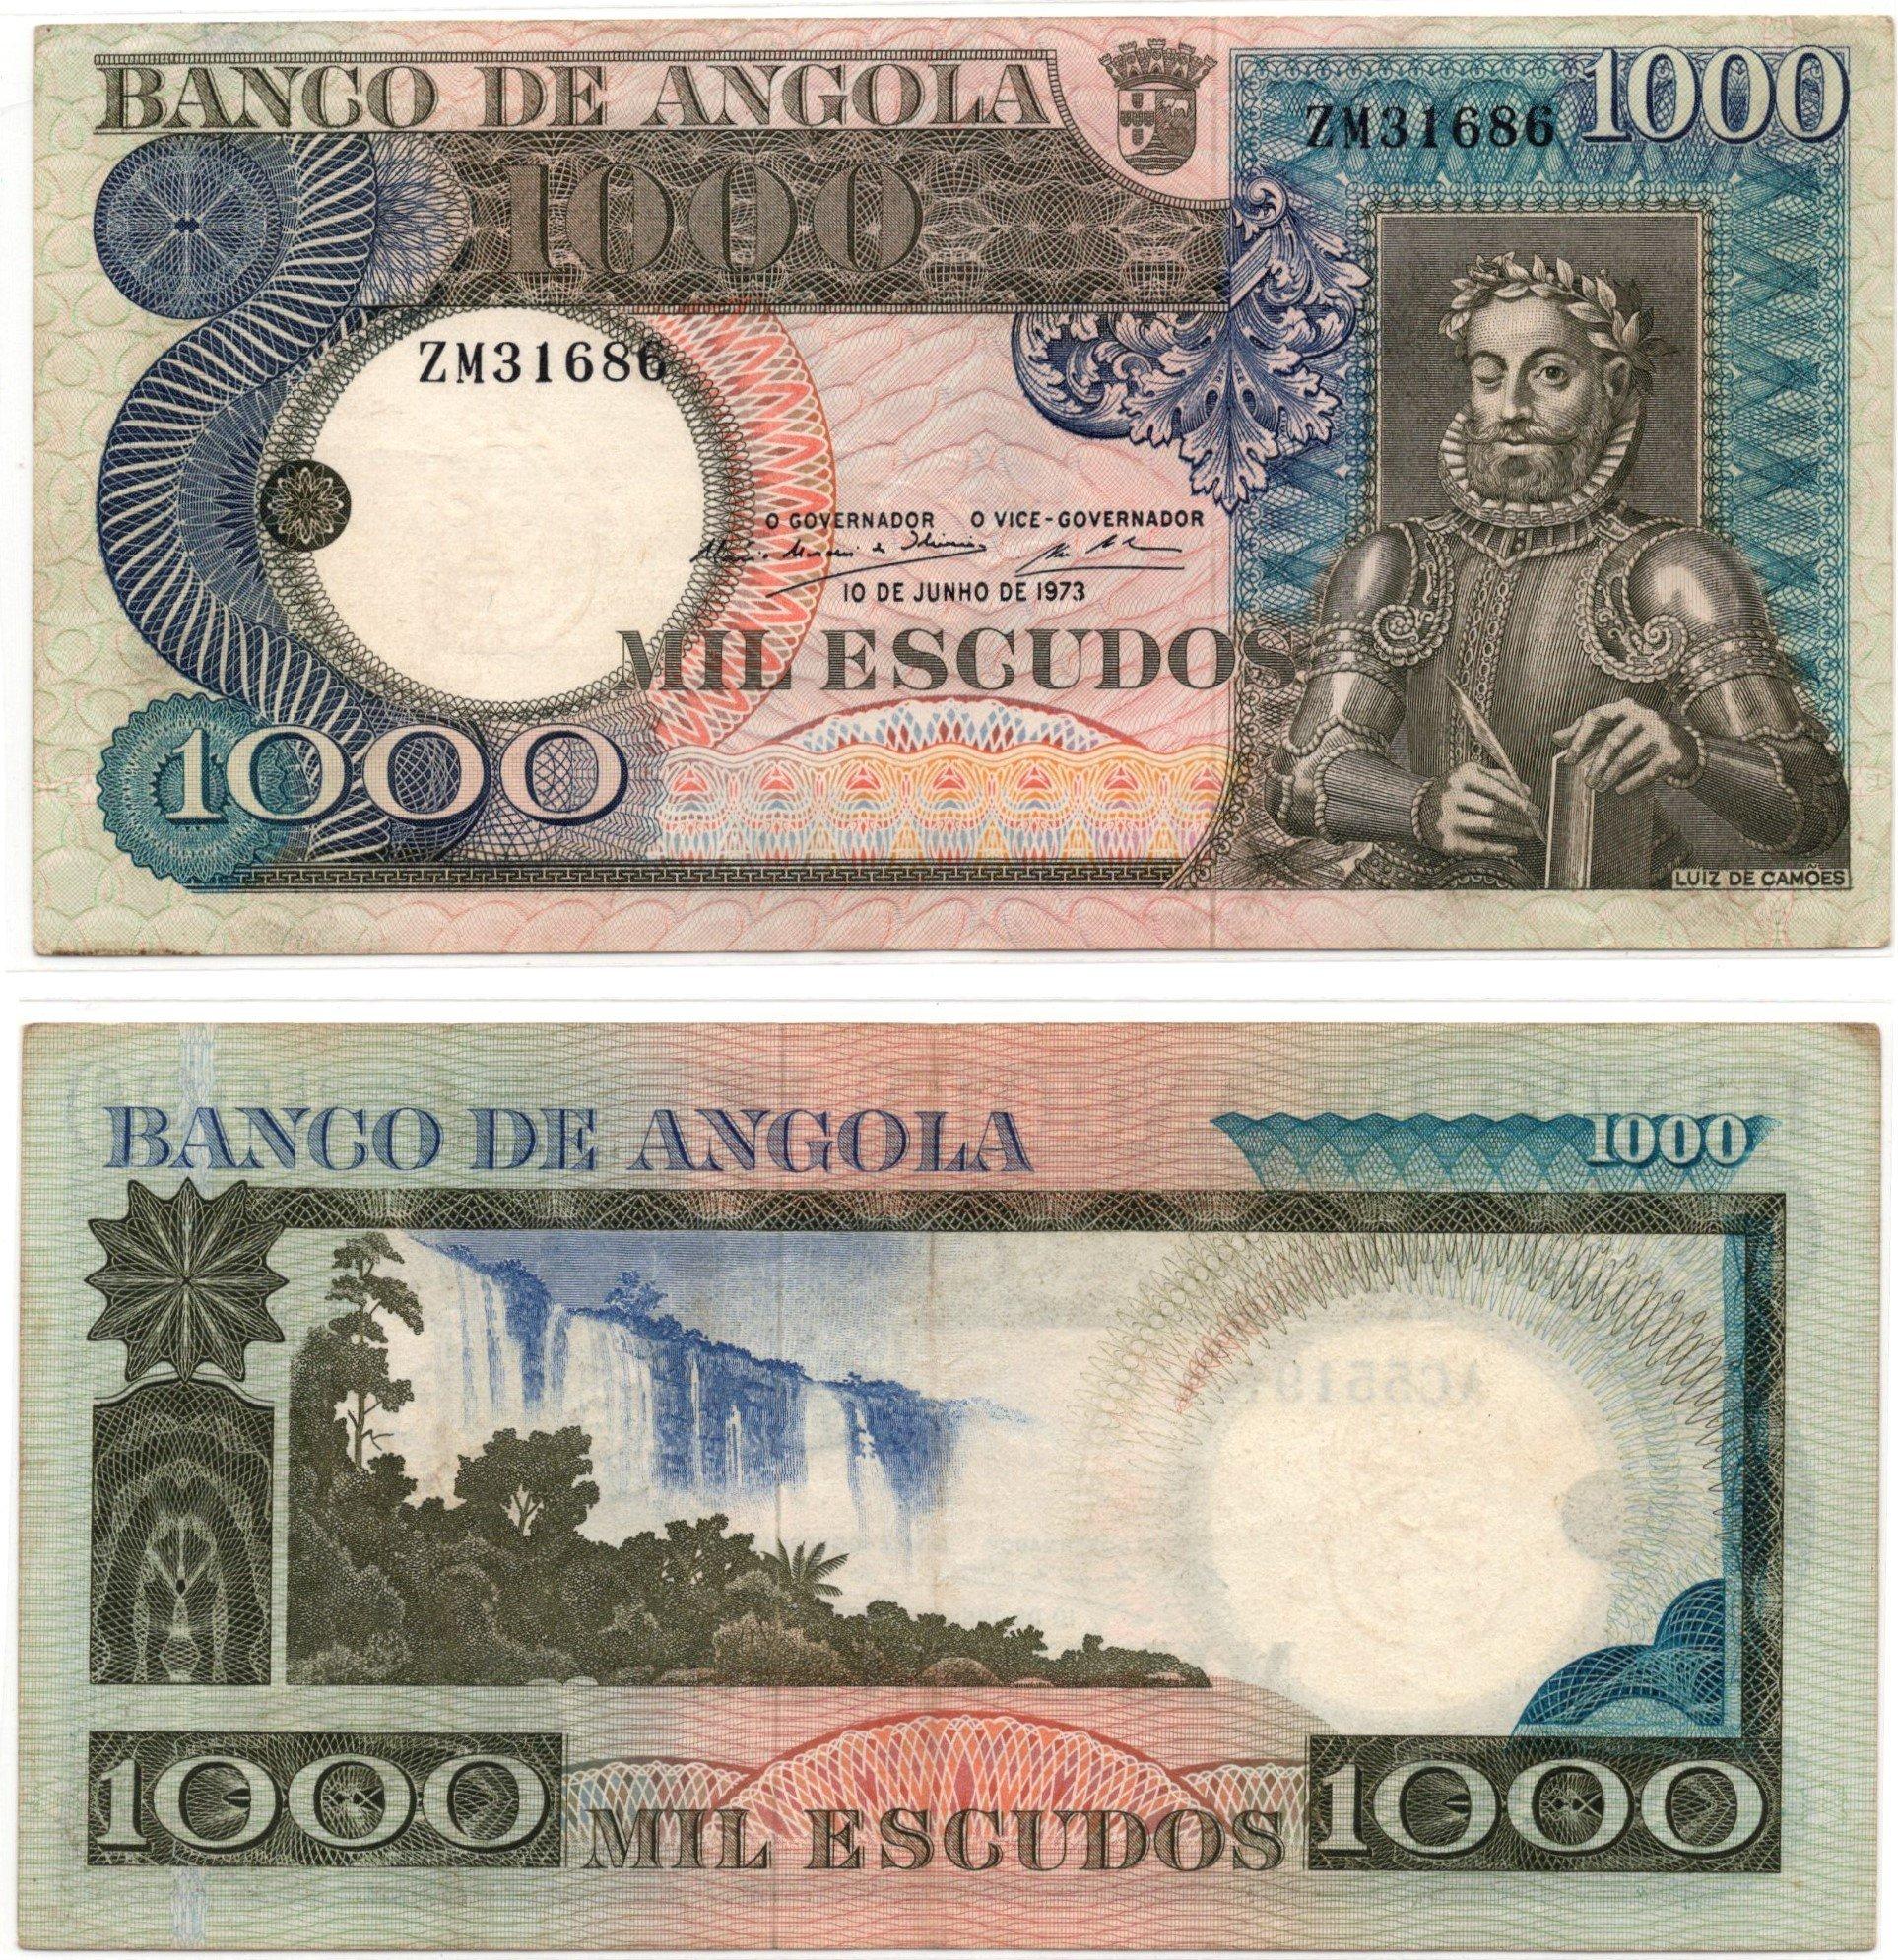 angola 1000 escudos 1973